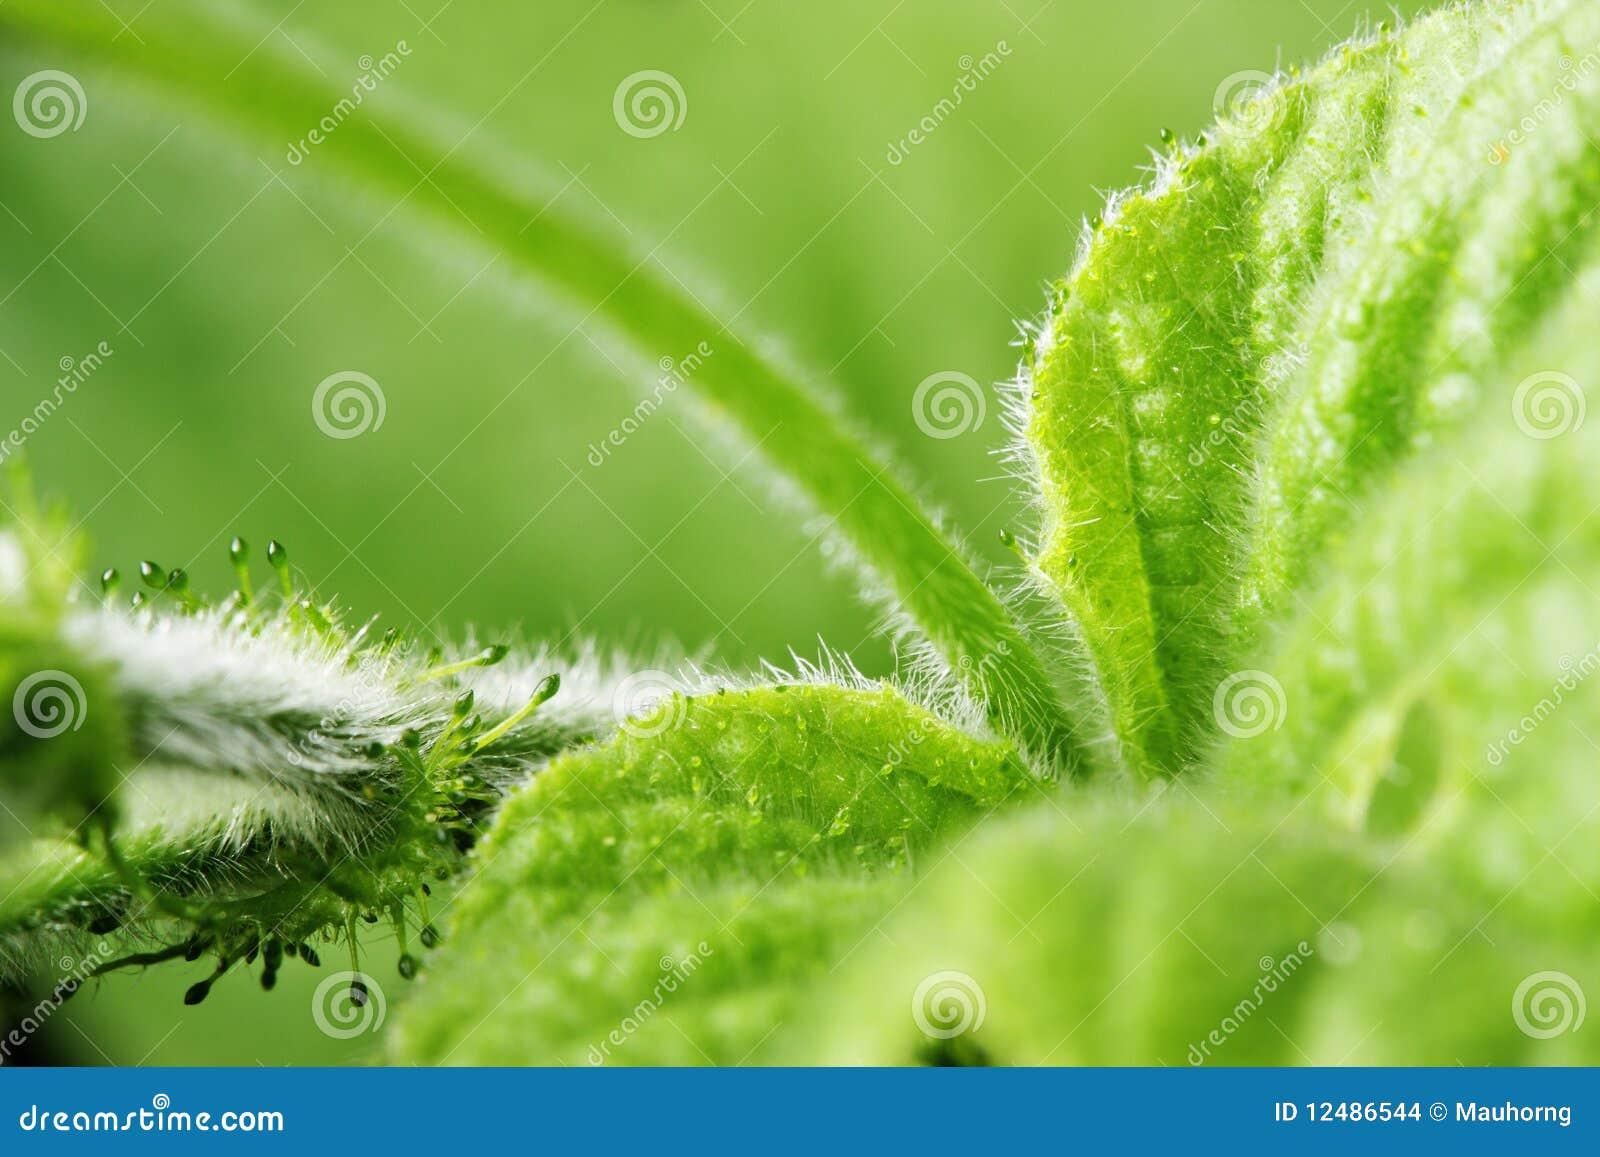 Green Leaves Teen Dreams 61